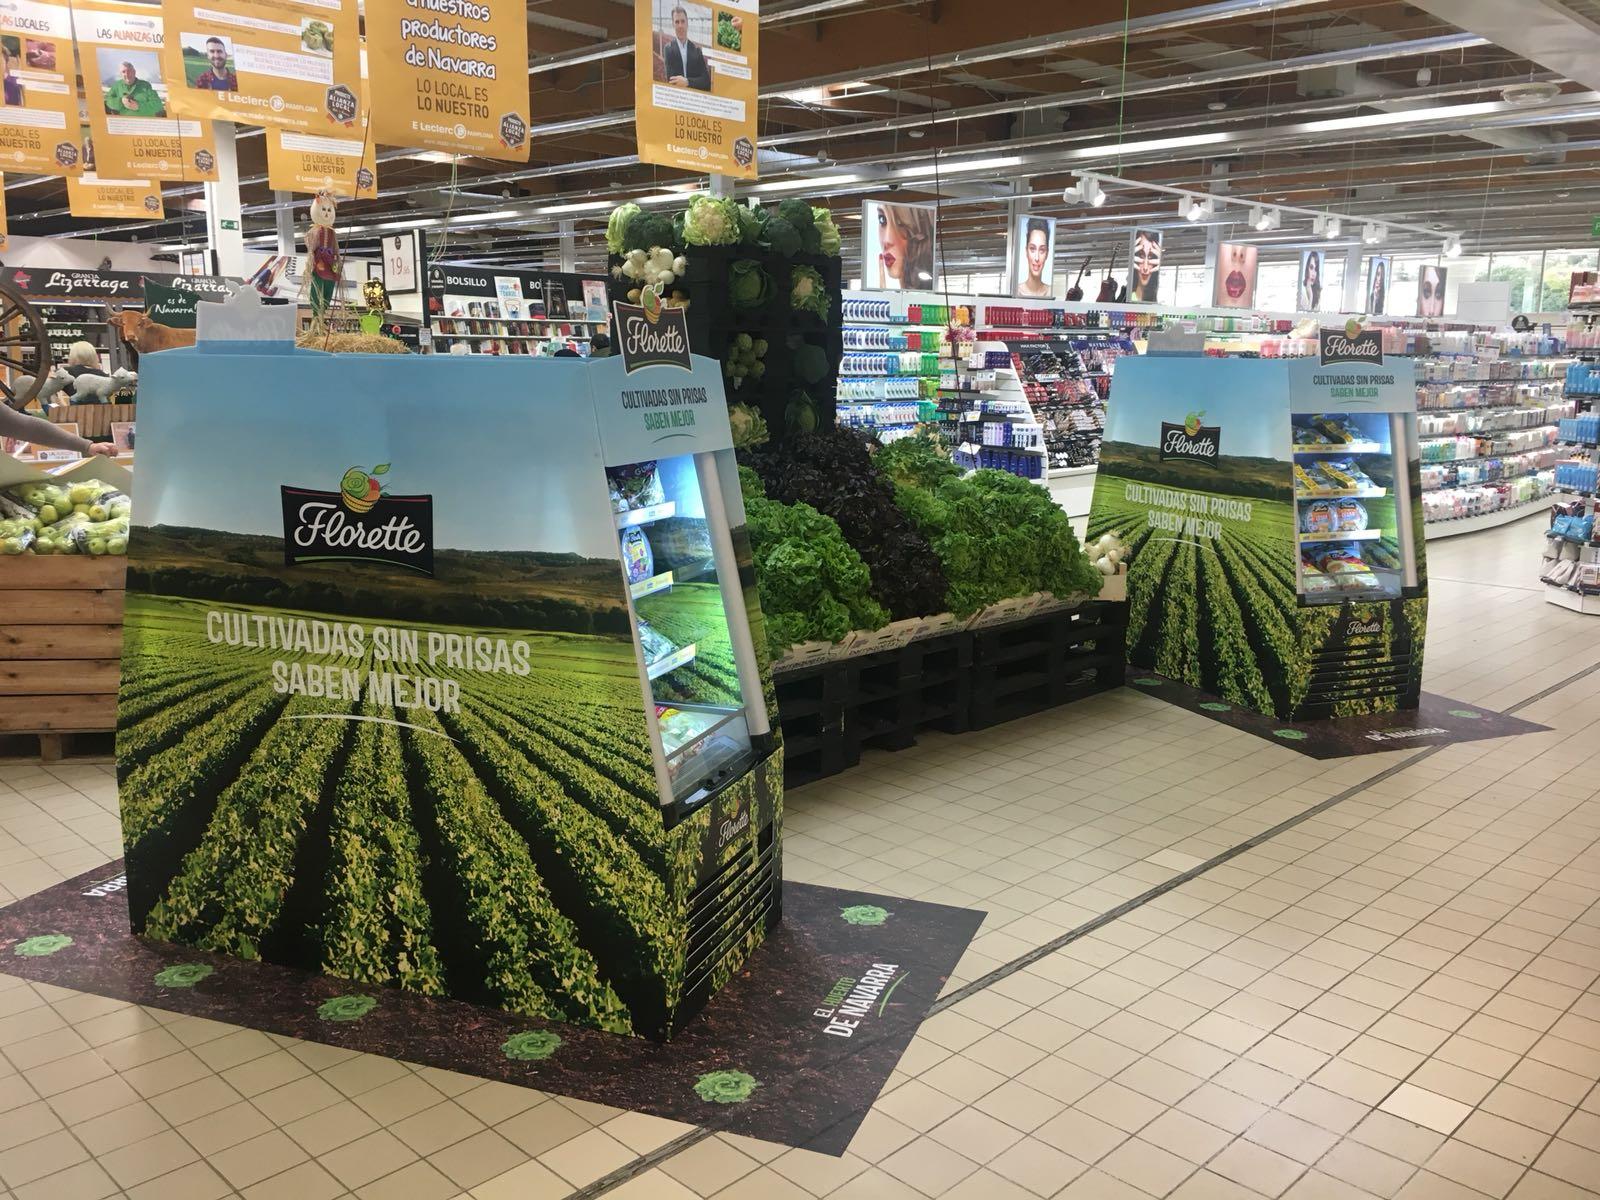 Corner comercial Florette en E. Leclerc